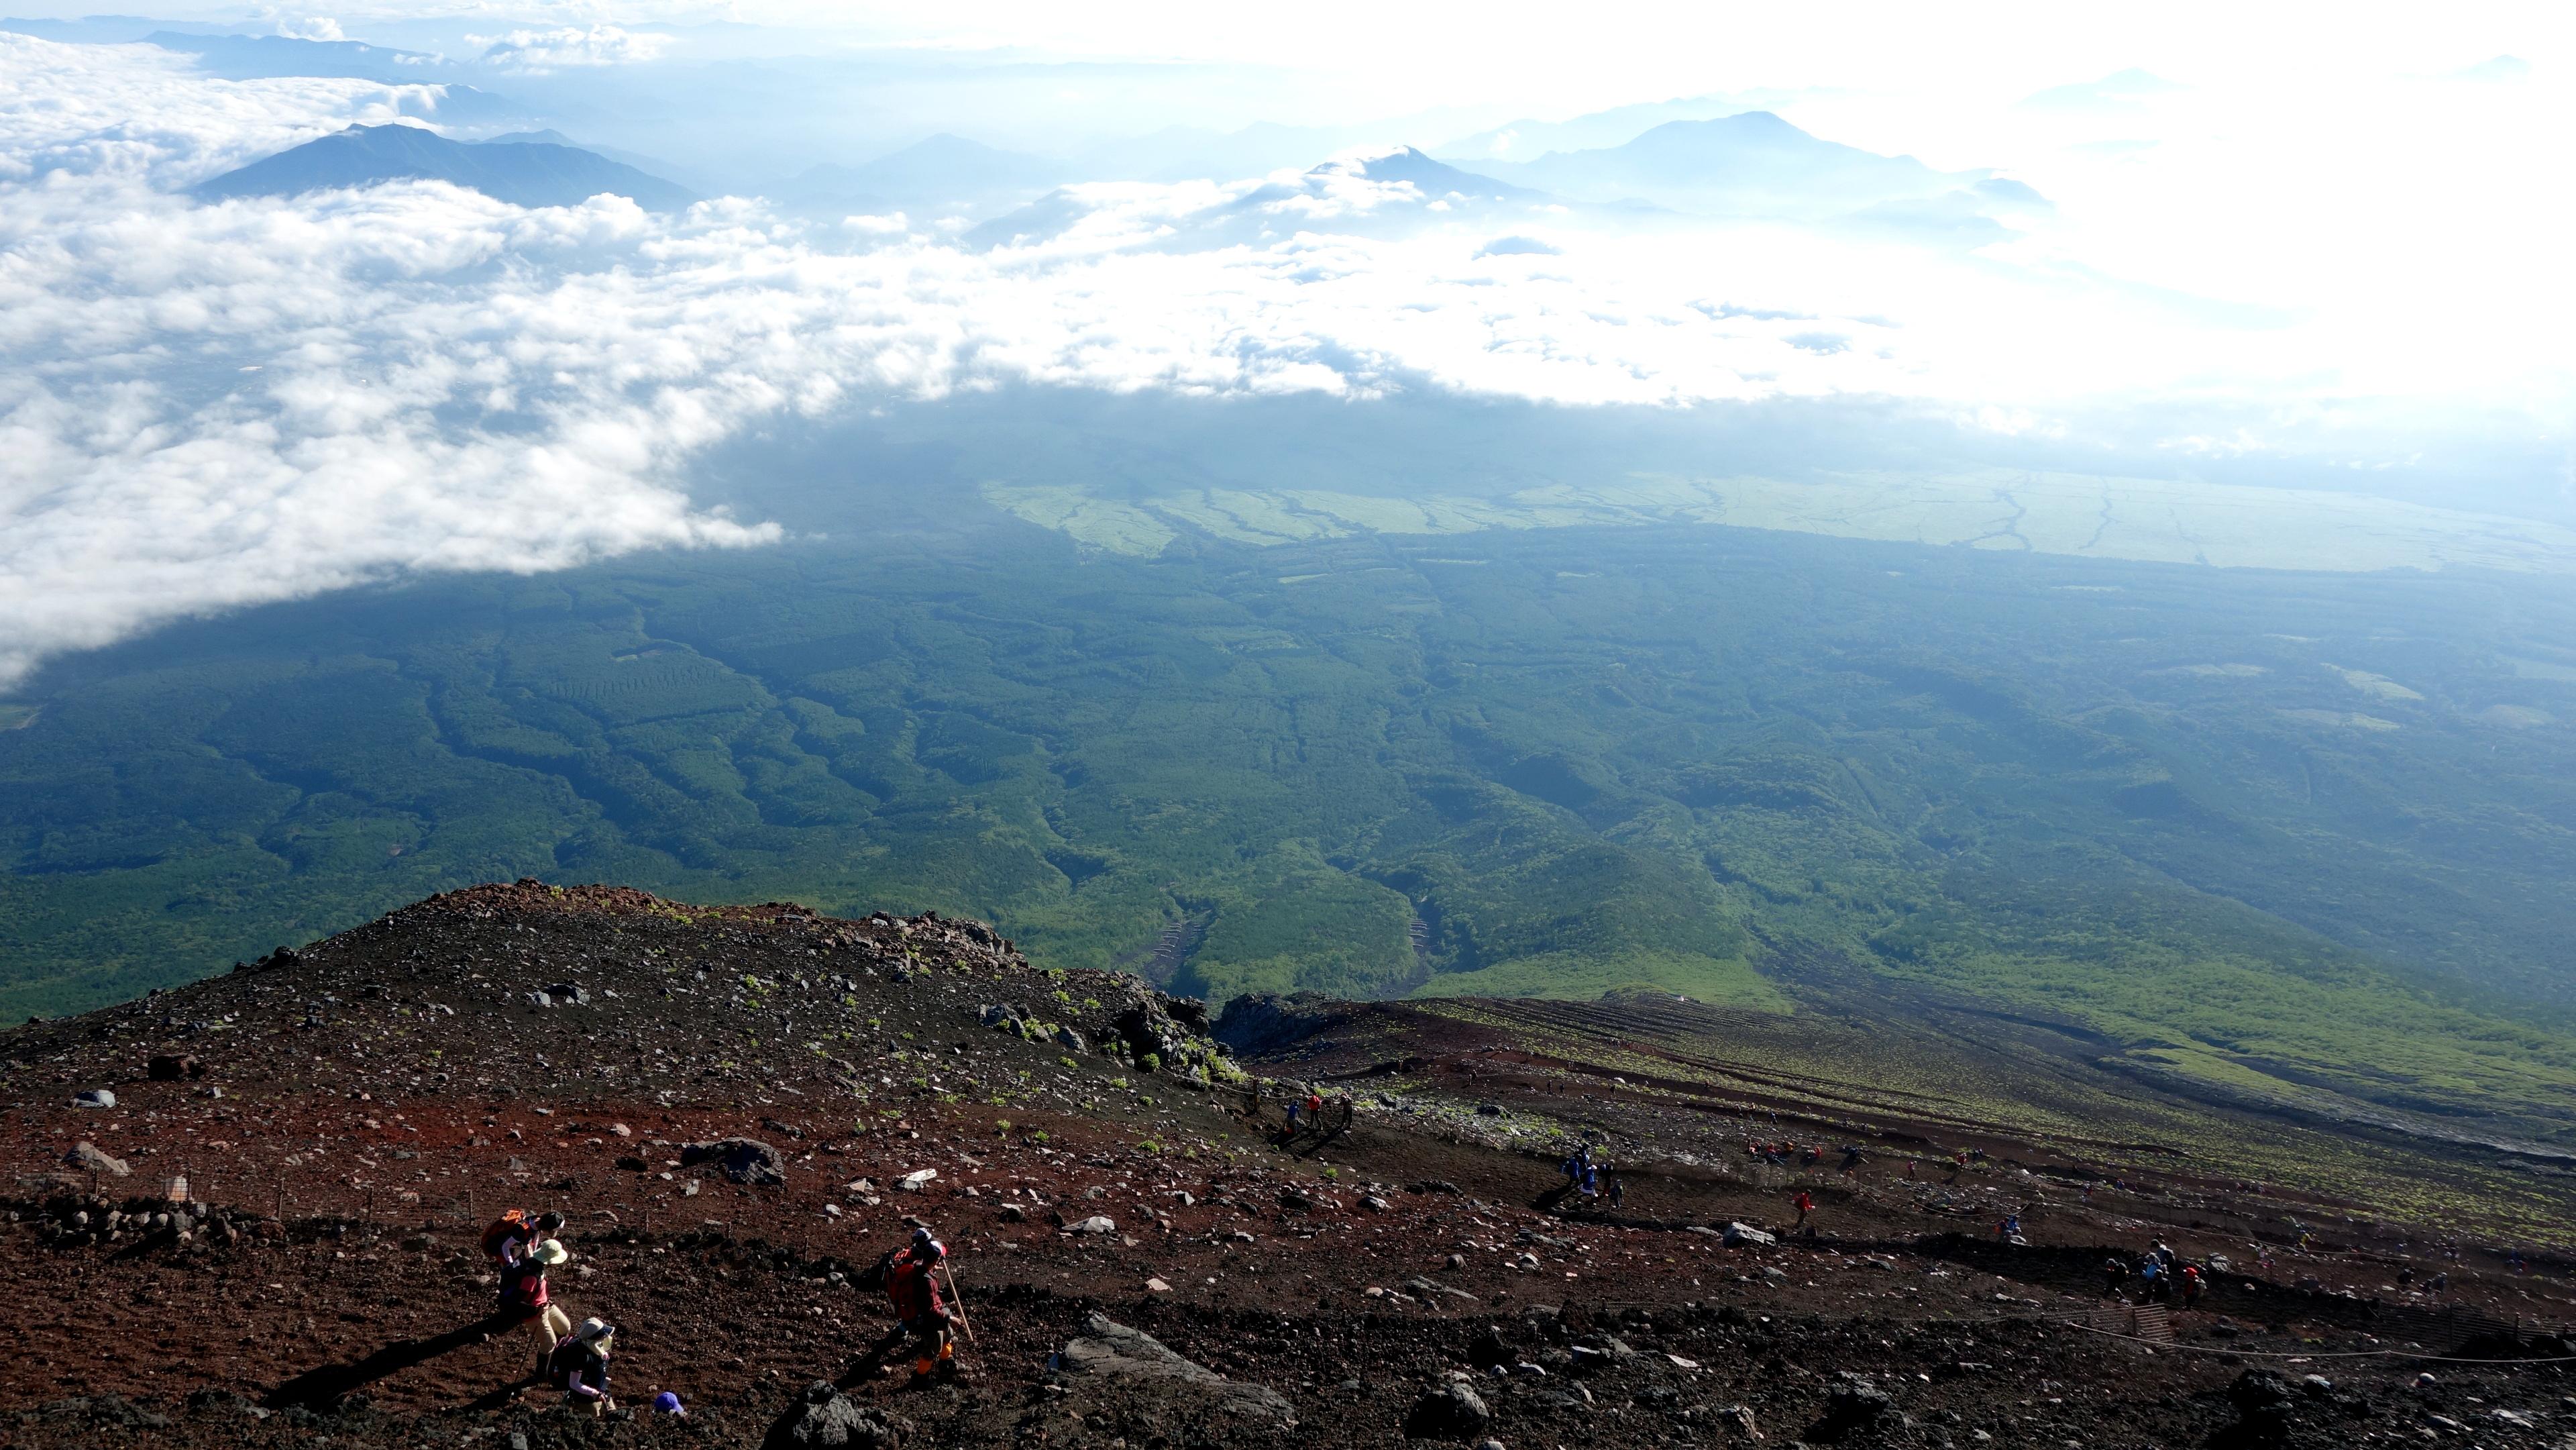 20140806 233210 fujisan descending climbers